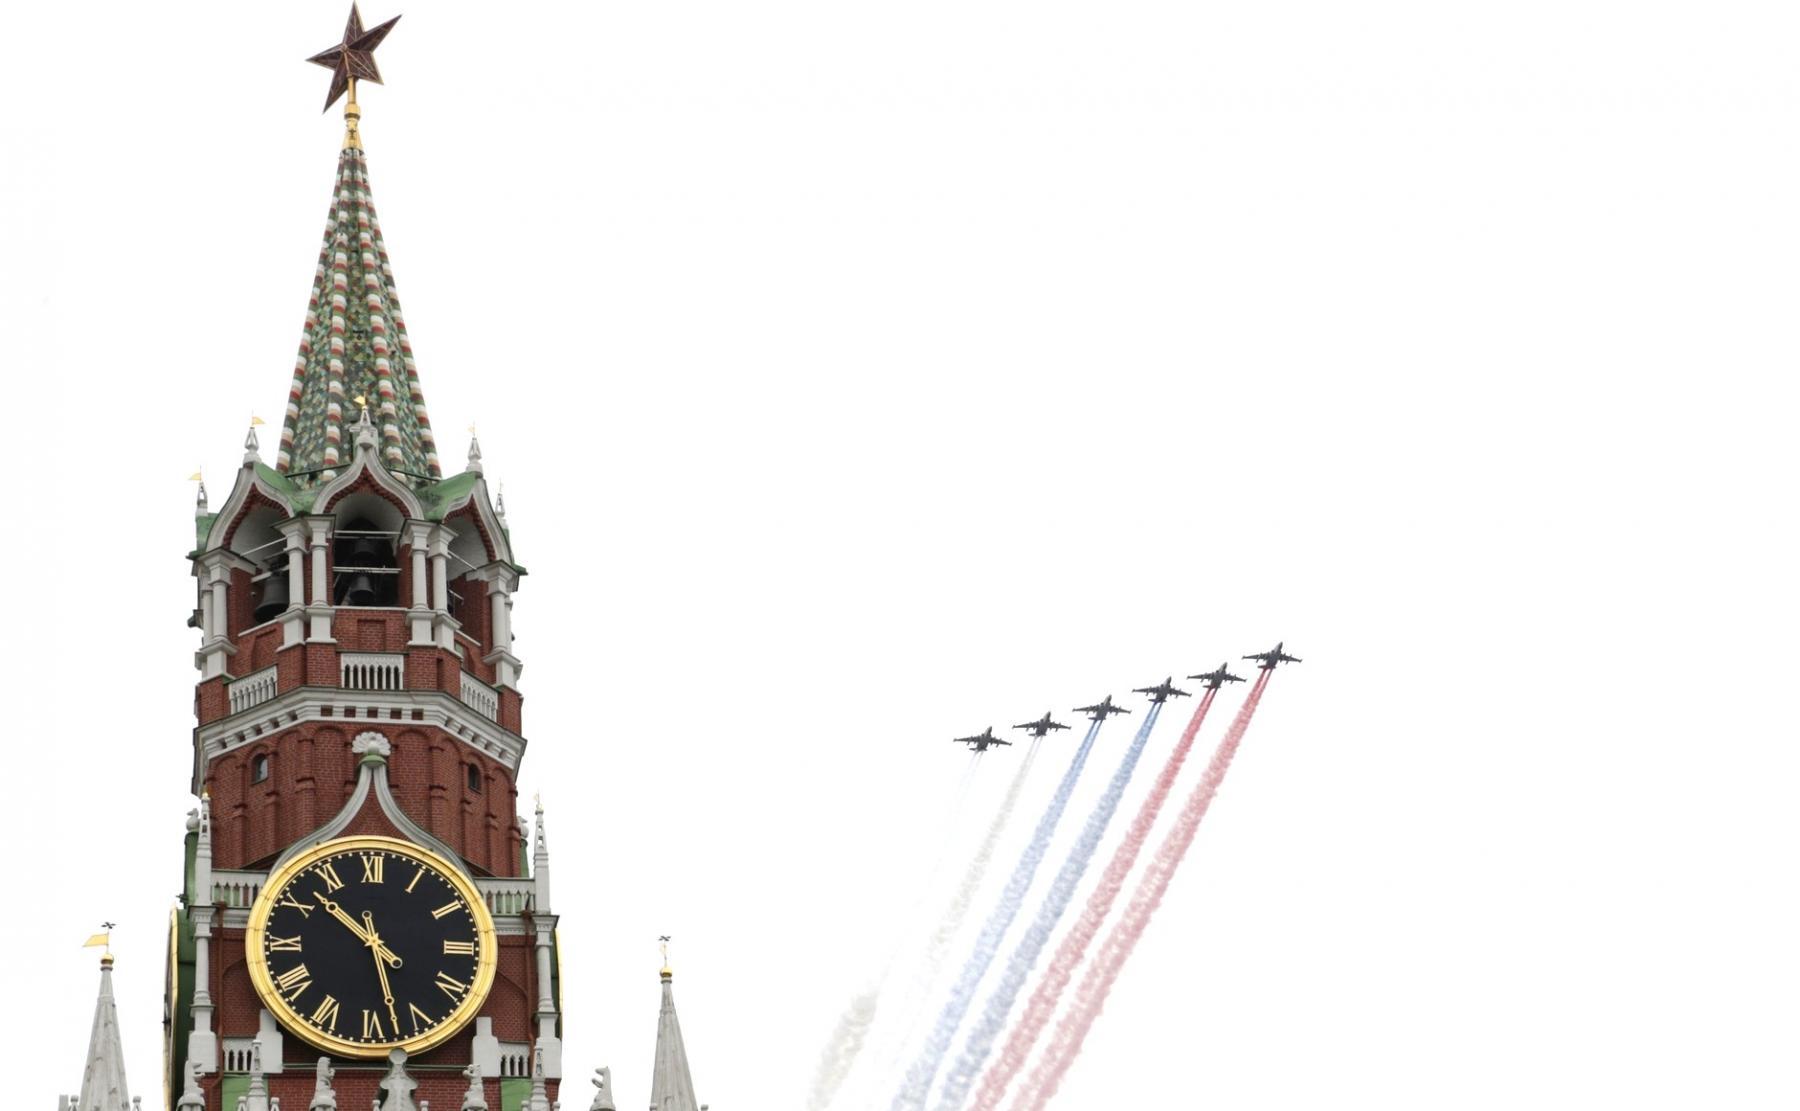 фото Путин на Красной площади поздравил россиян с 75-летием Победы: полный текст обращения 2